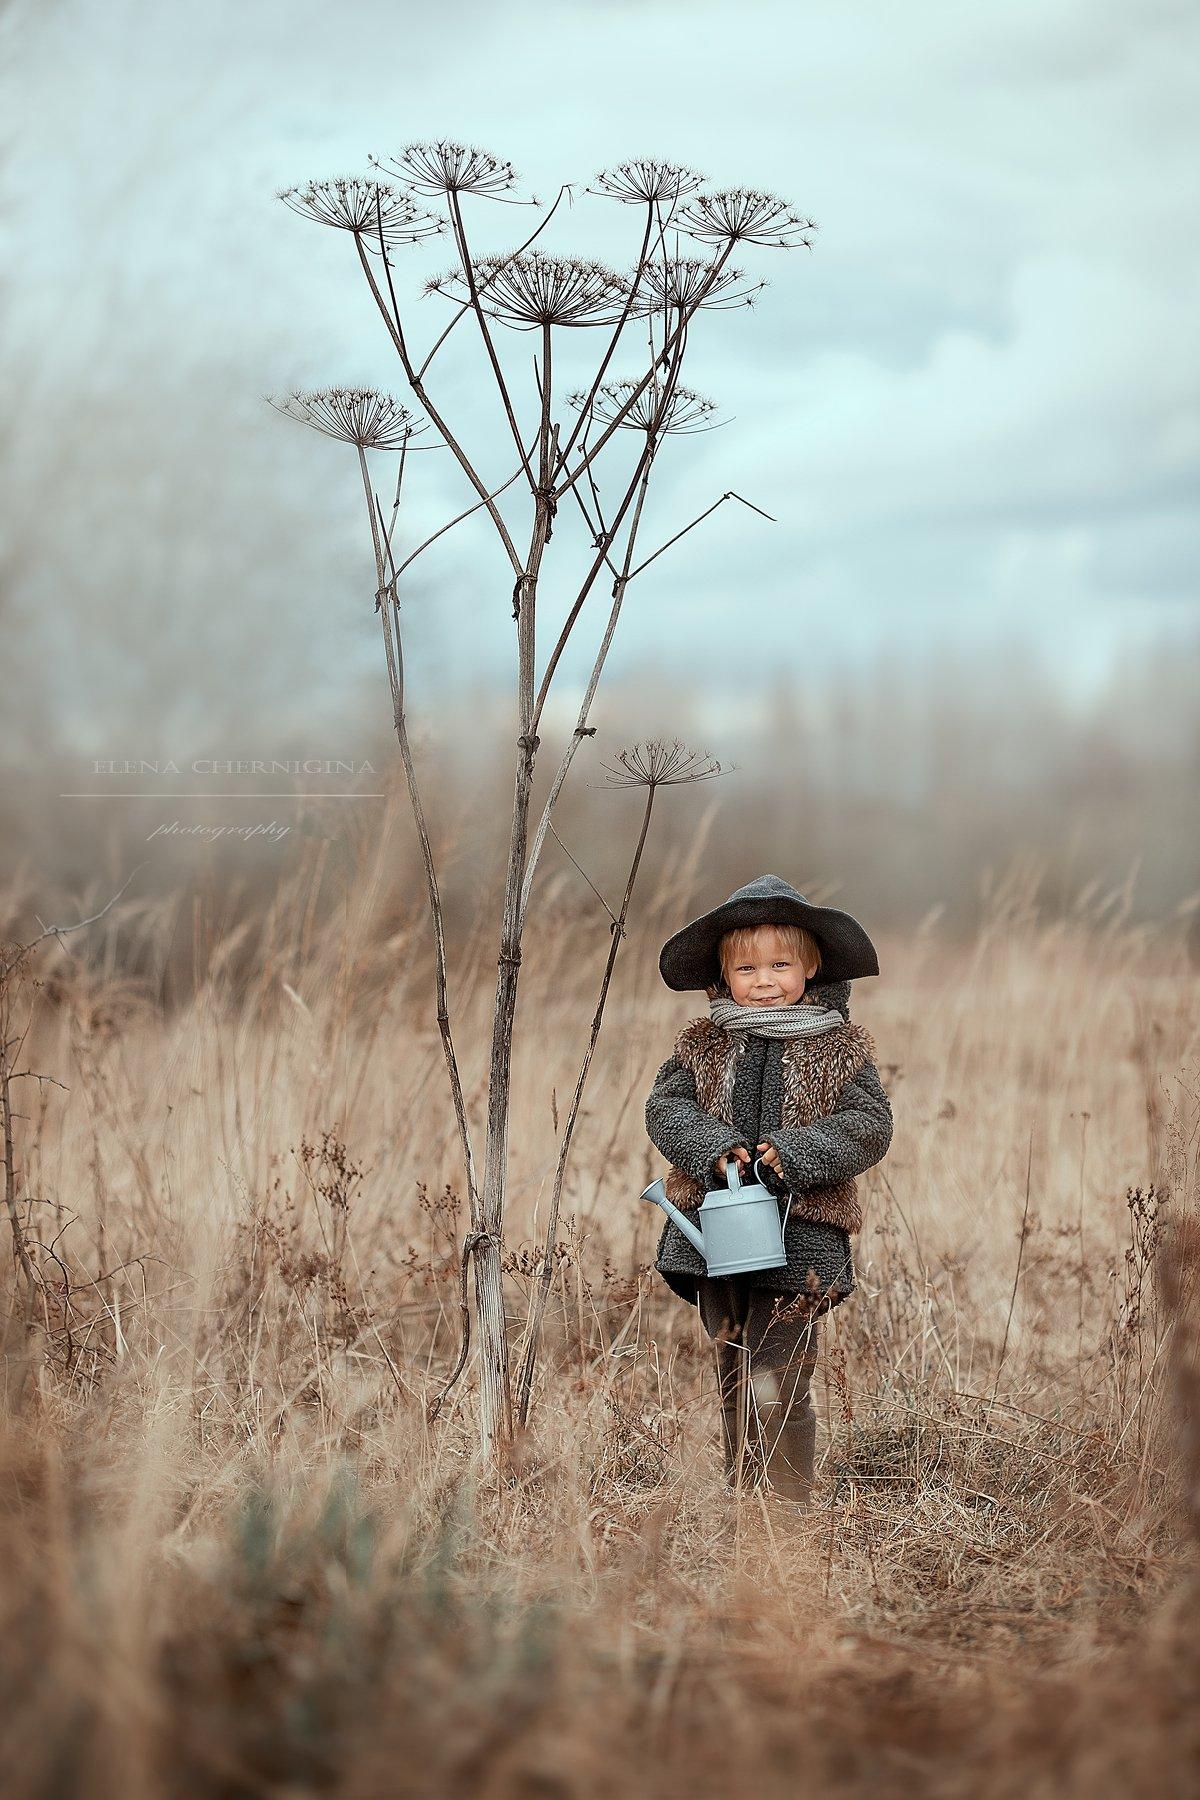 мальчик, дневной свет, дети, художественная фотография, фотосессия на природе, борщевик, улица, природа, Чернигина Елена